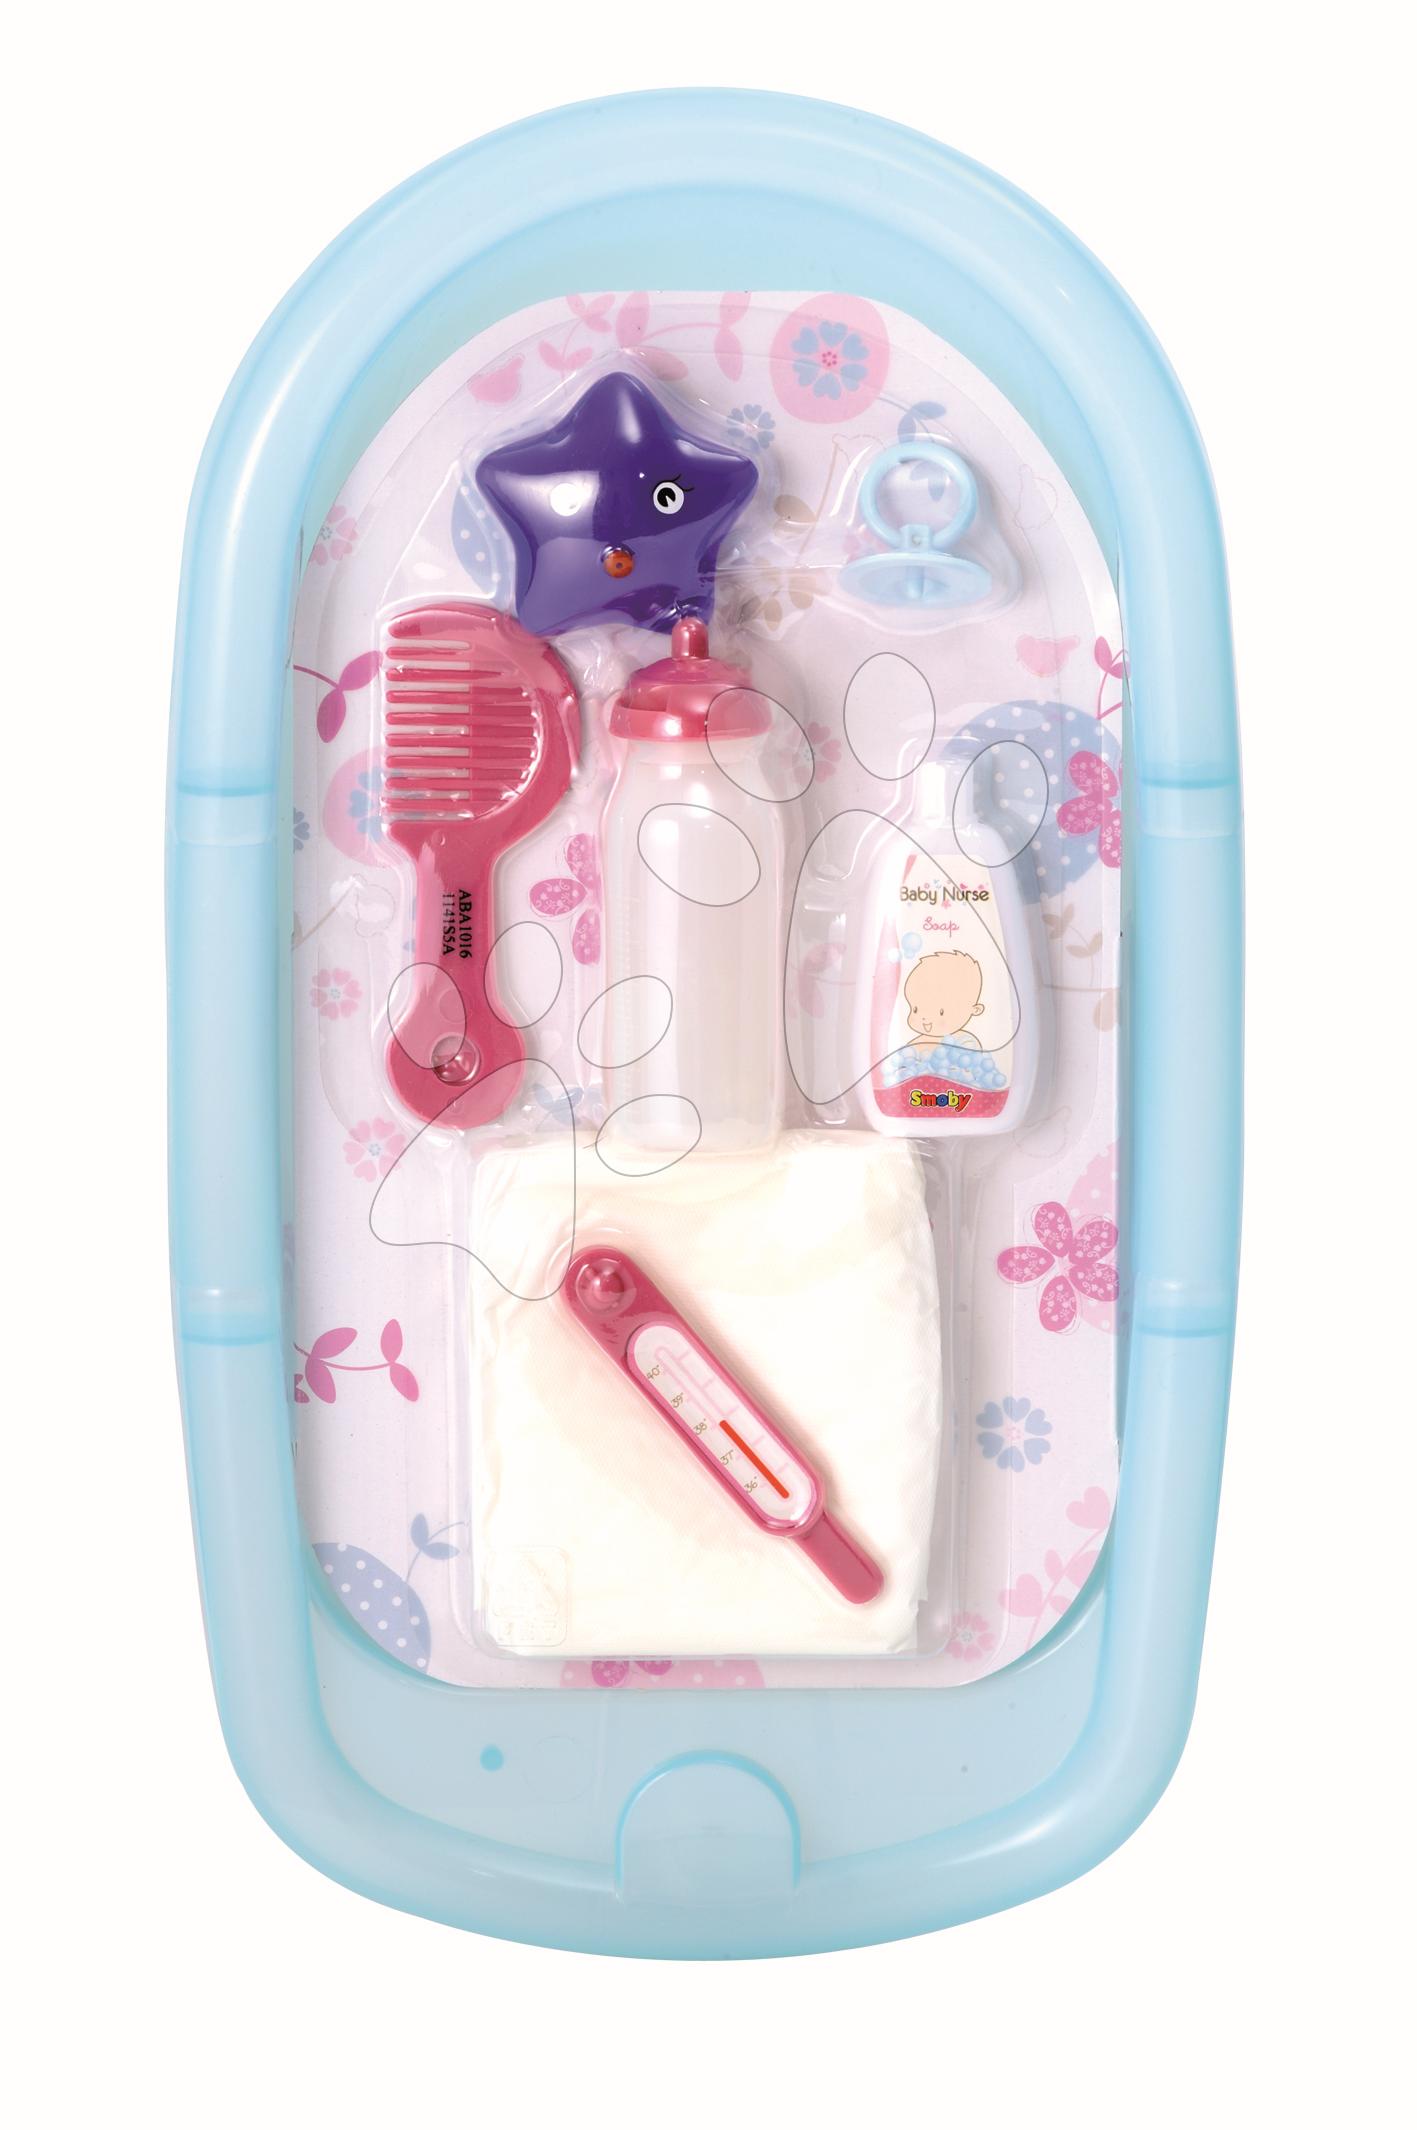 Vanička Baby Nurse Smoby na kúpanie bábiky (42 cm) +8 doplnkov